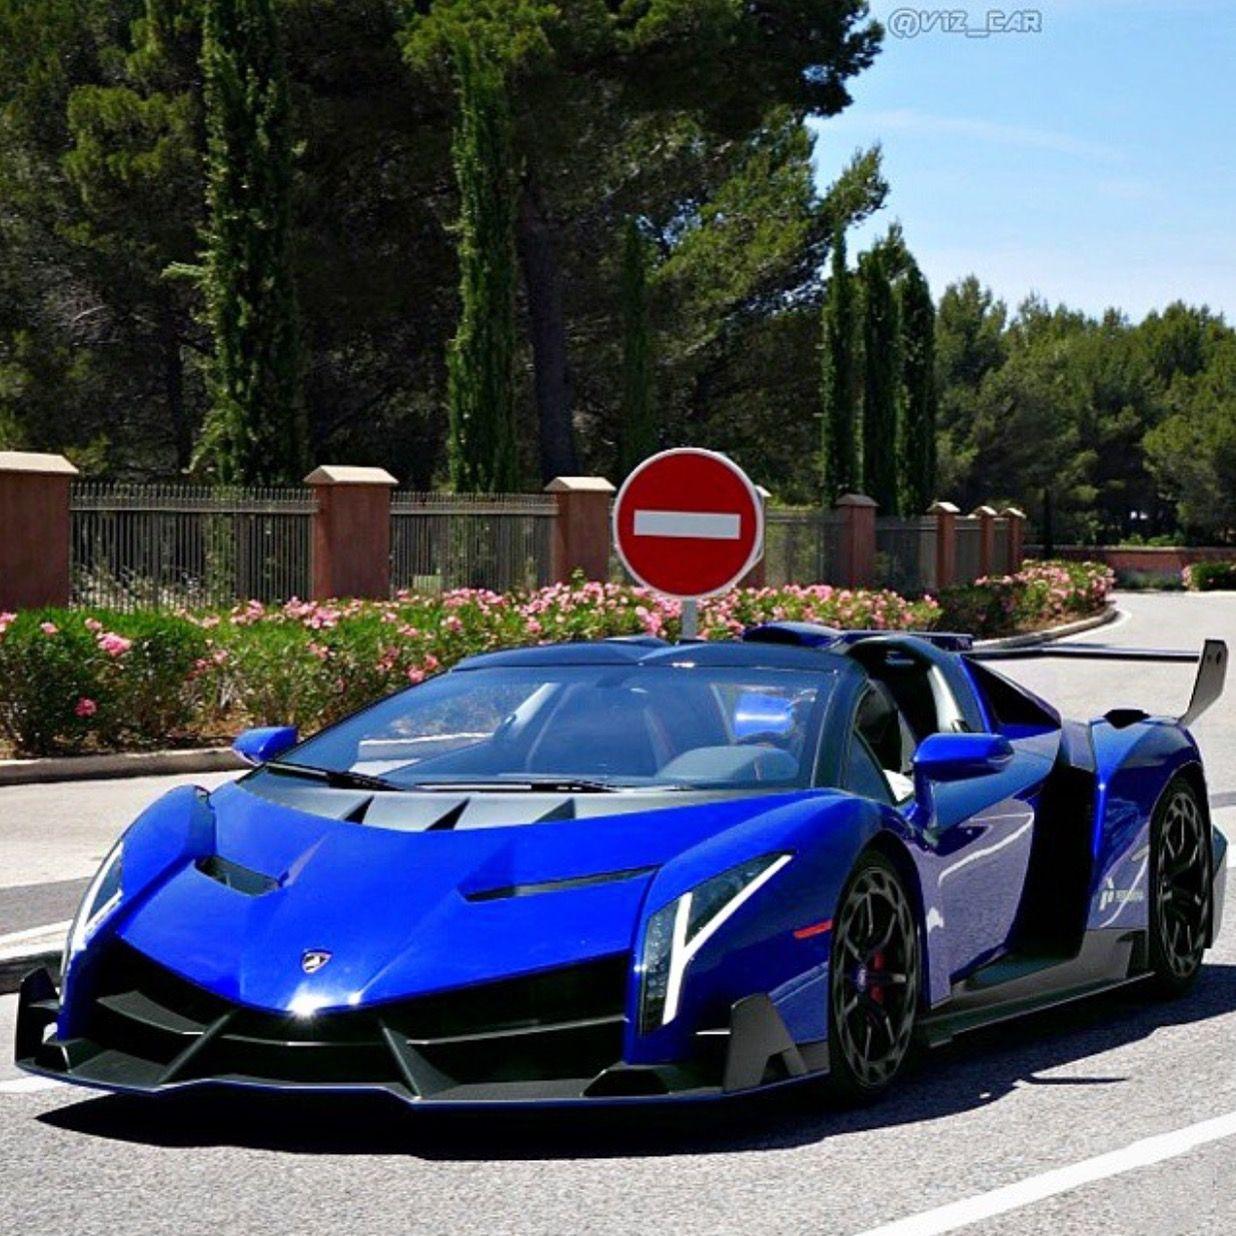 Lamborghini Veneno Painted In Rosso Veneno, But